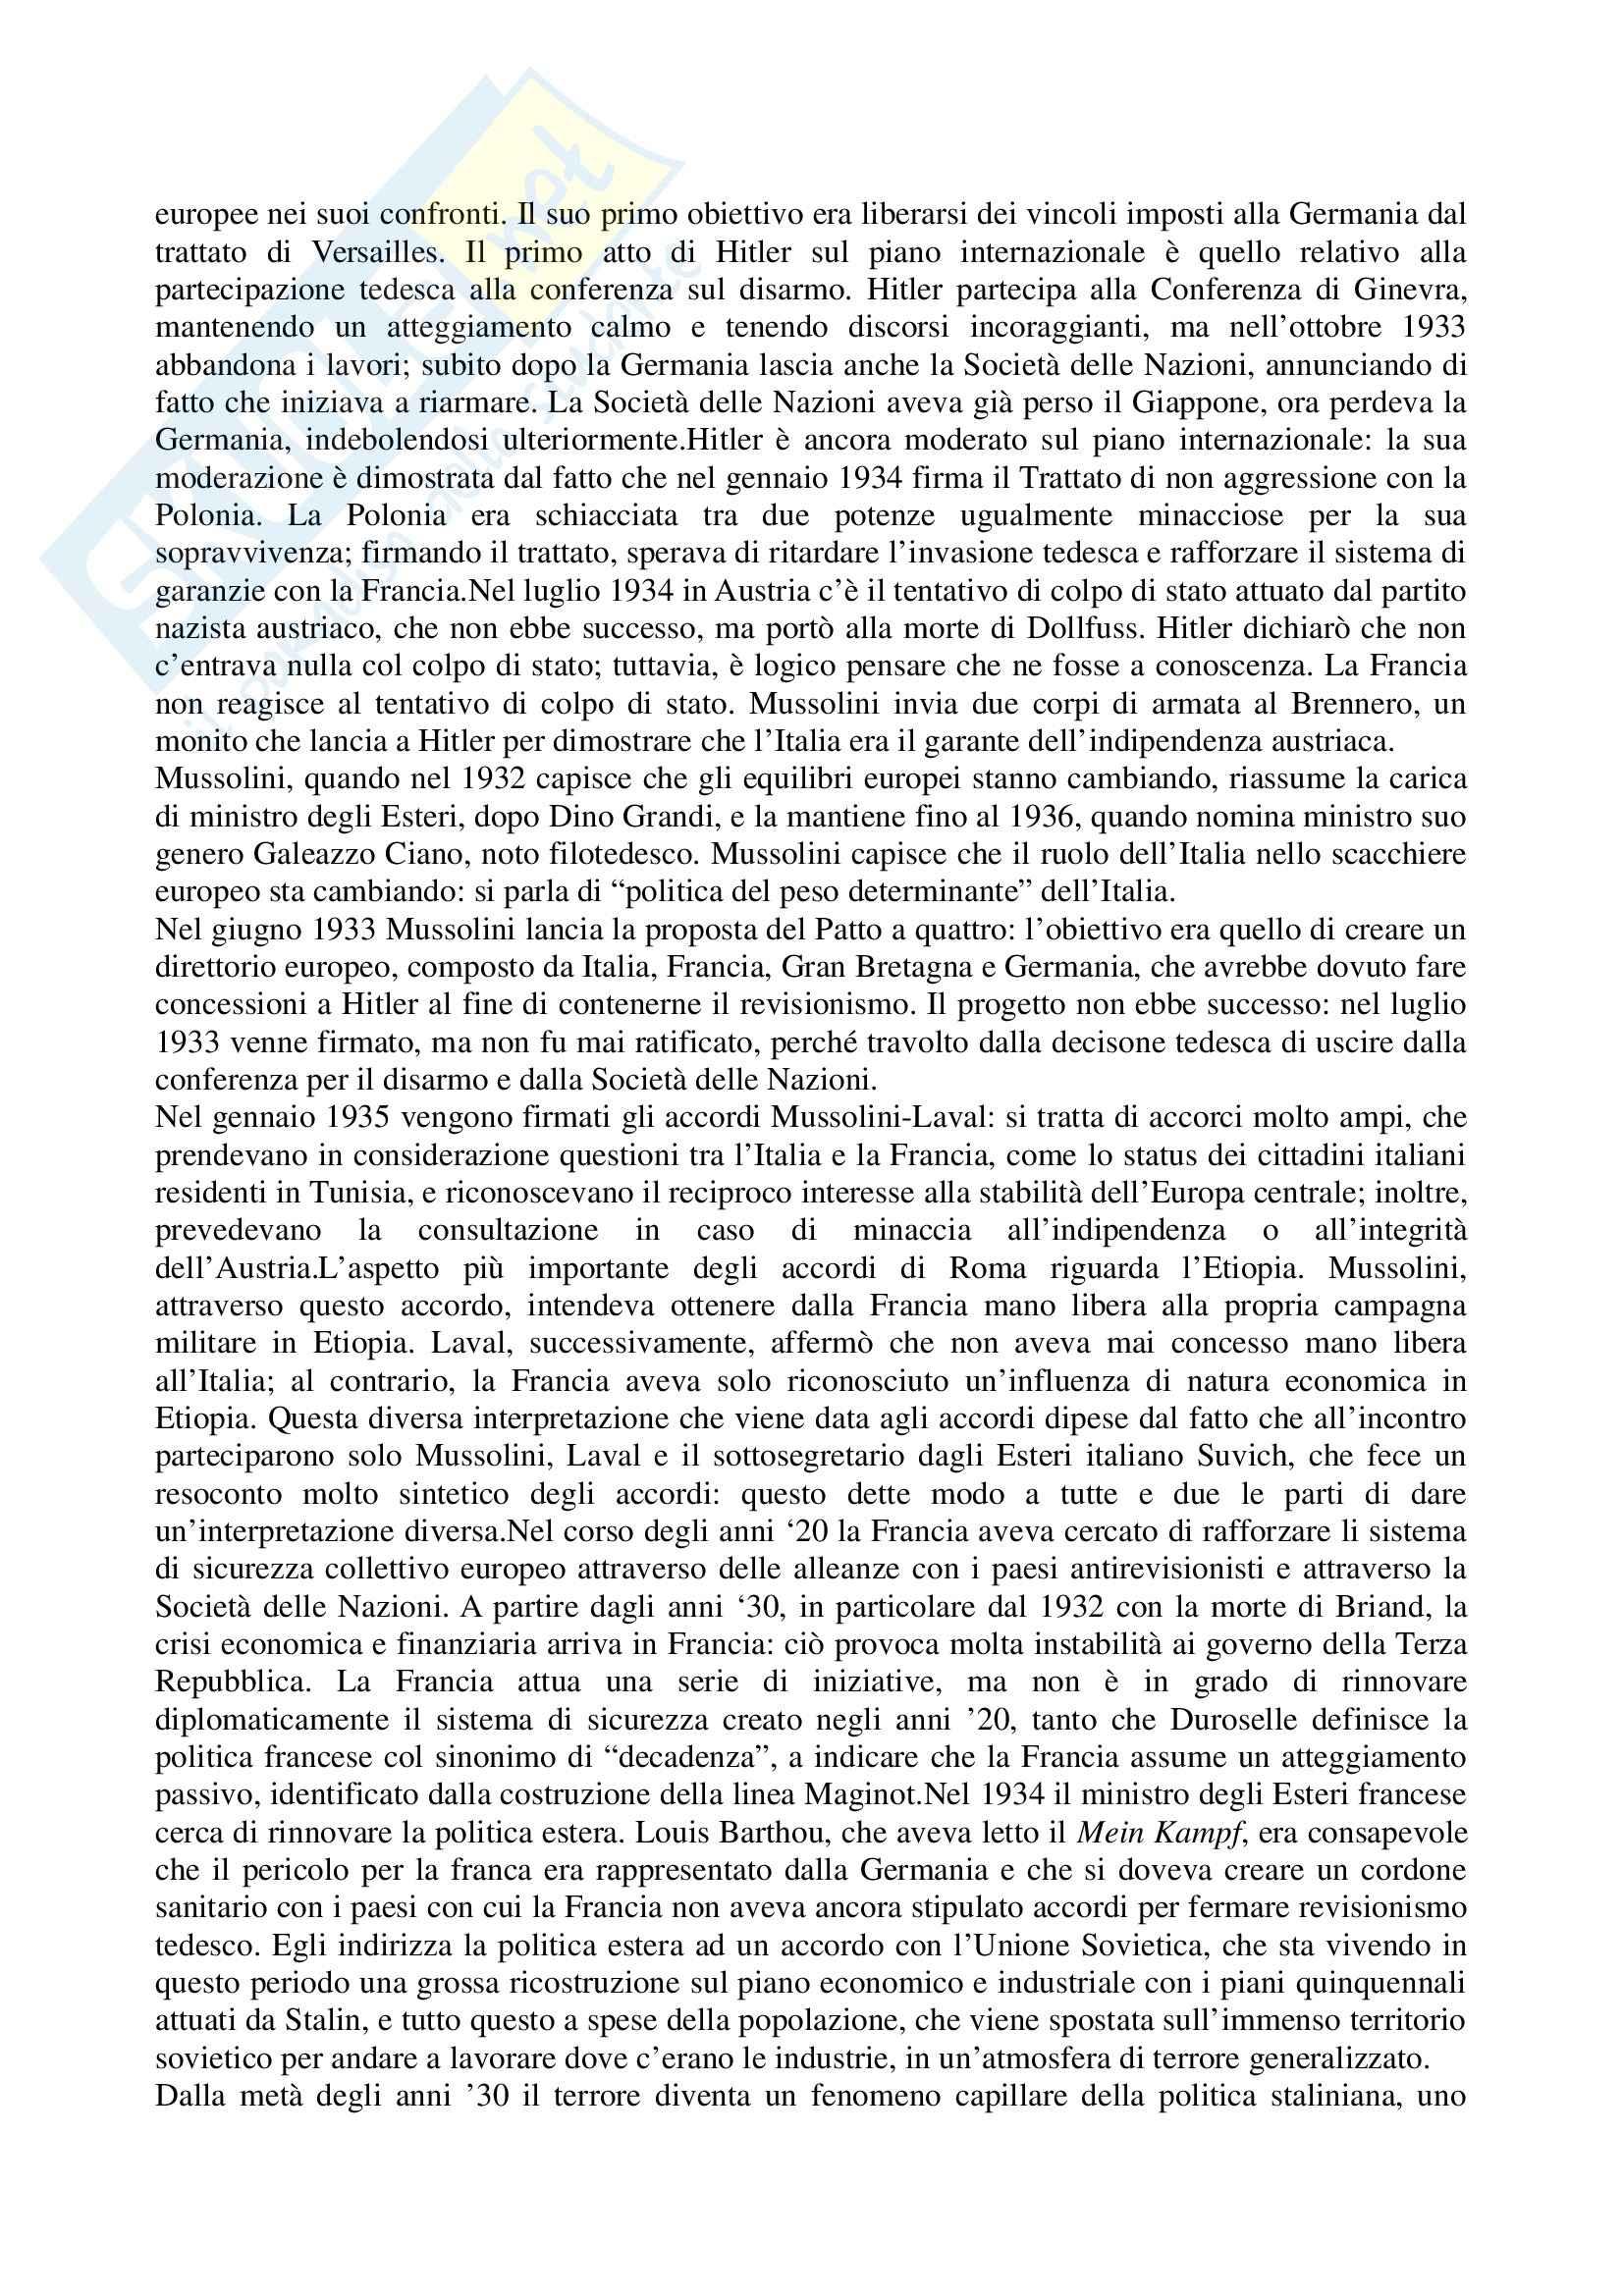 Lezioni, Storia delle relazioni internazionali Pag. 21